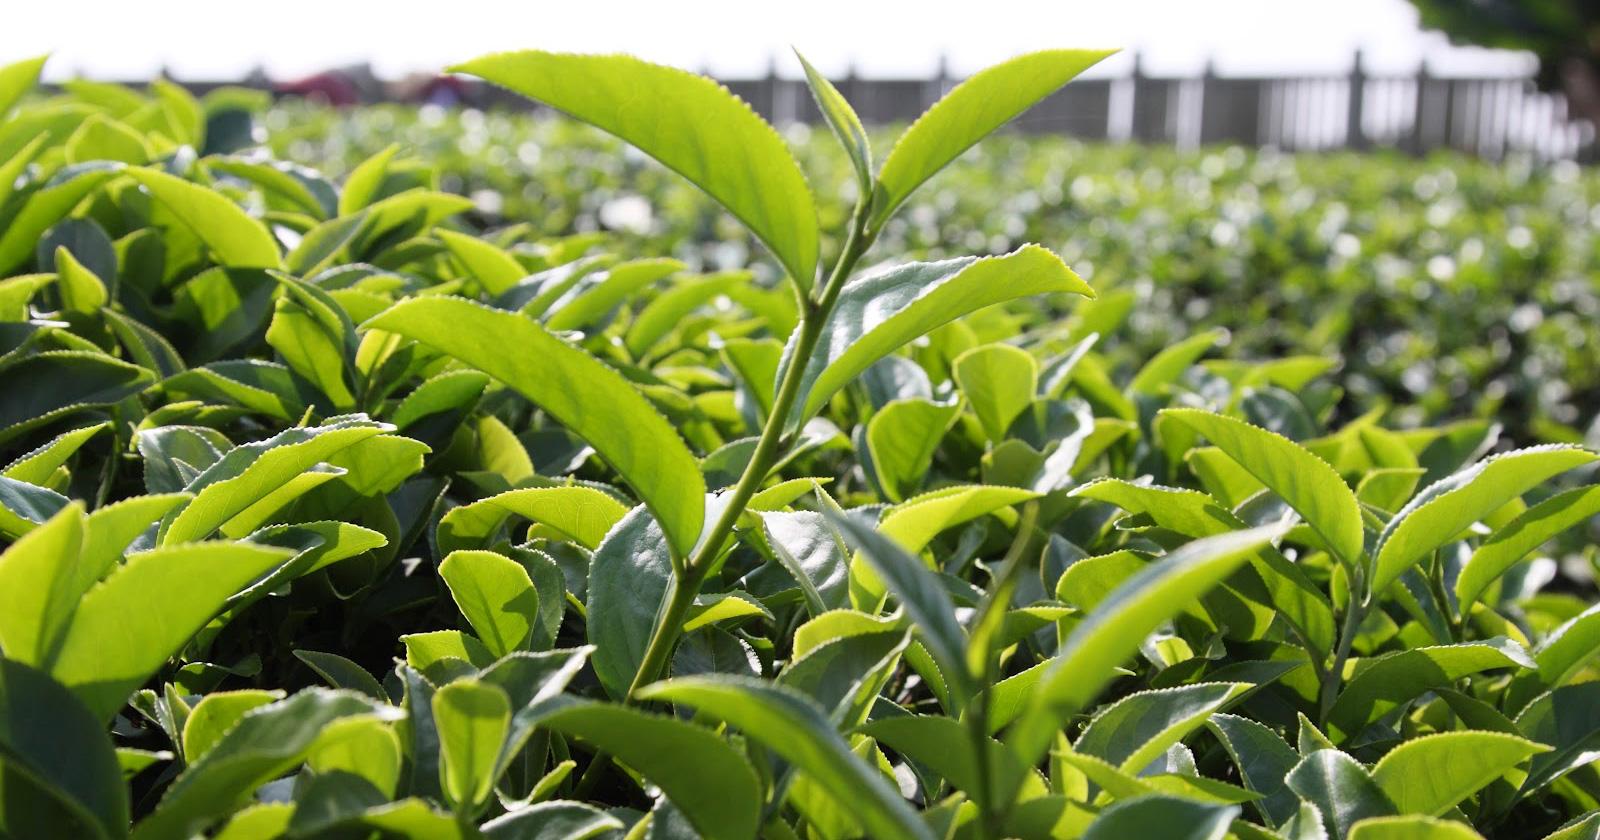 Mendirikan pabrik pengolahan teh hijau